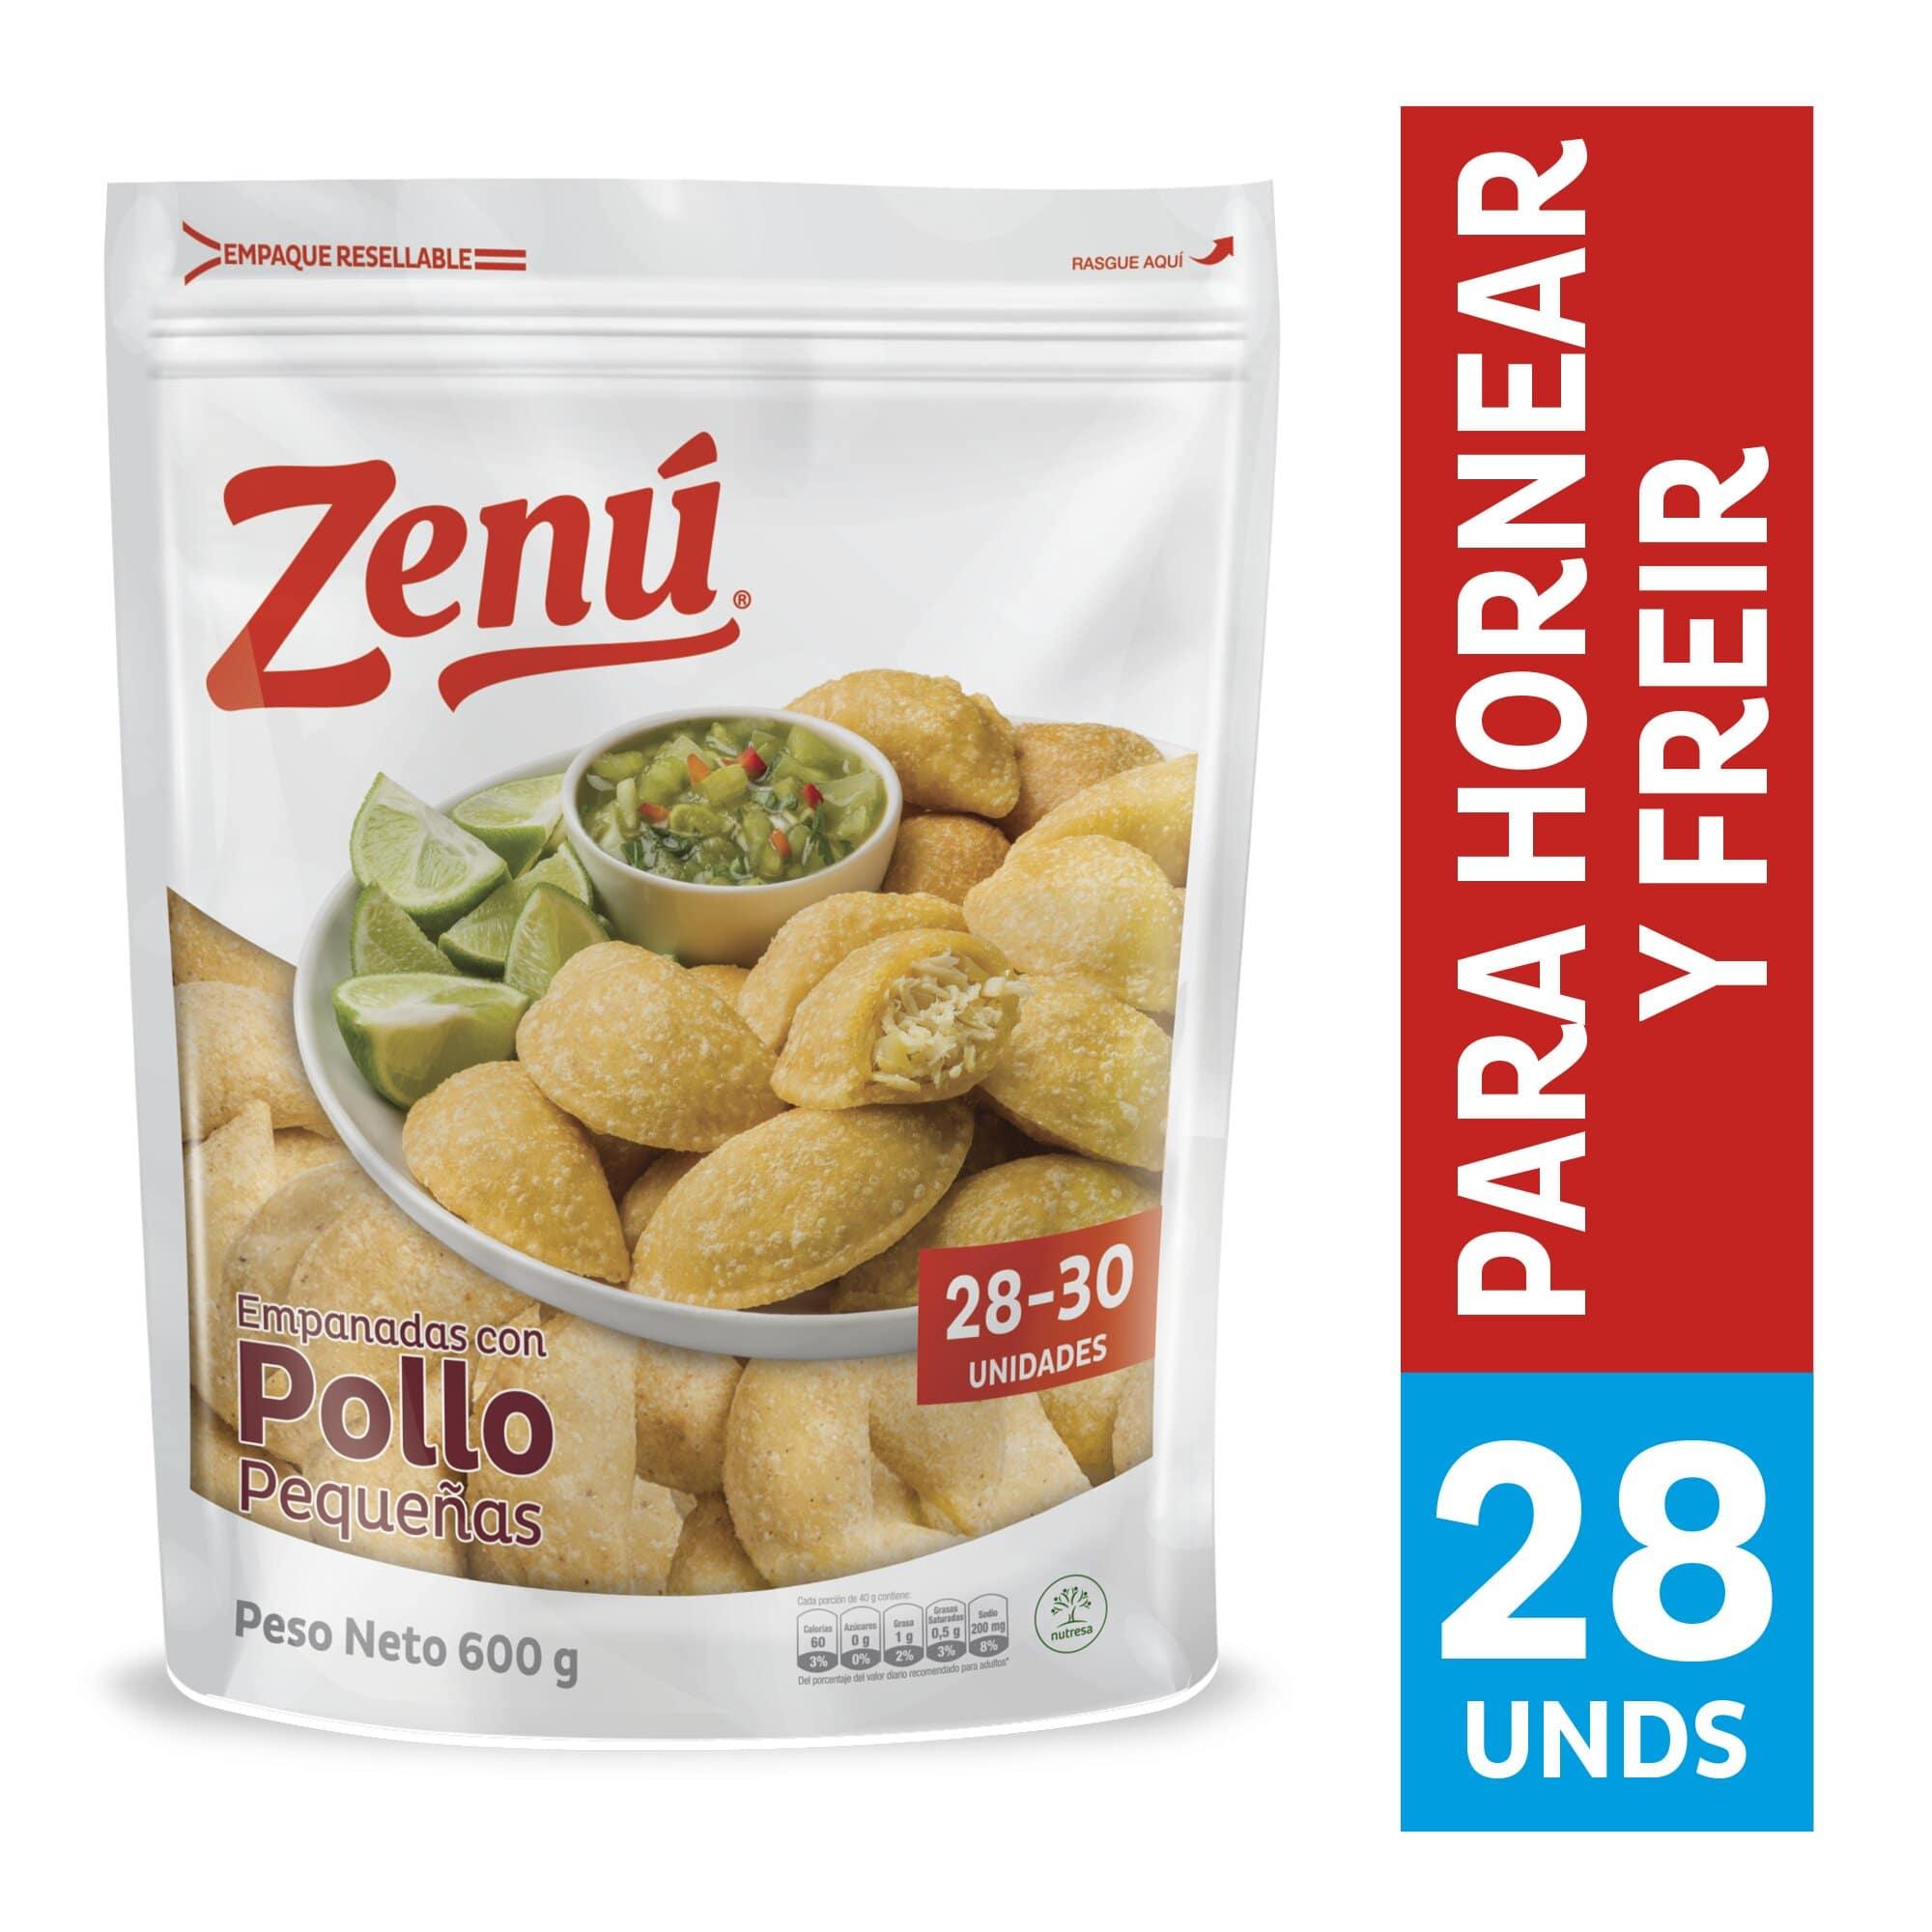 Empanada Zenu Pollo 600g